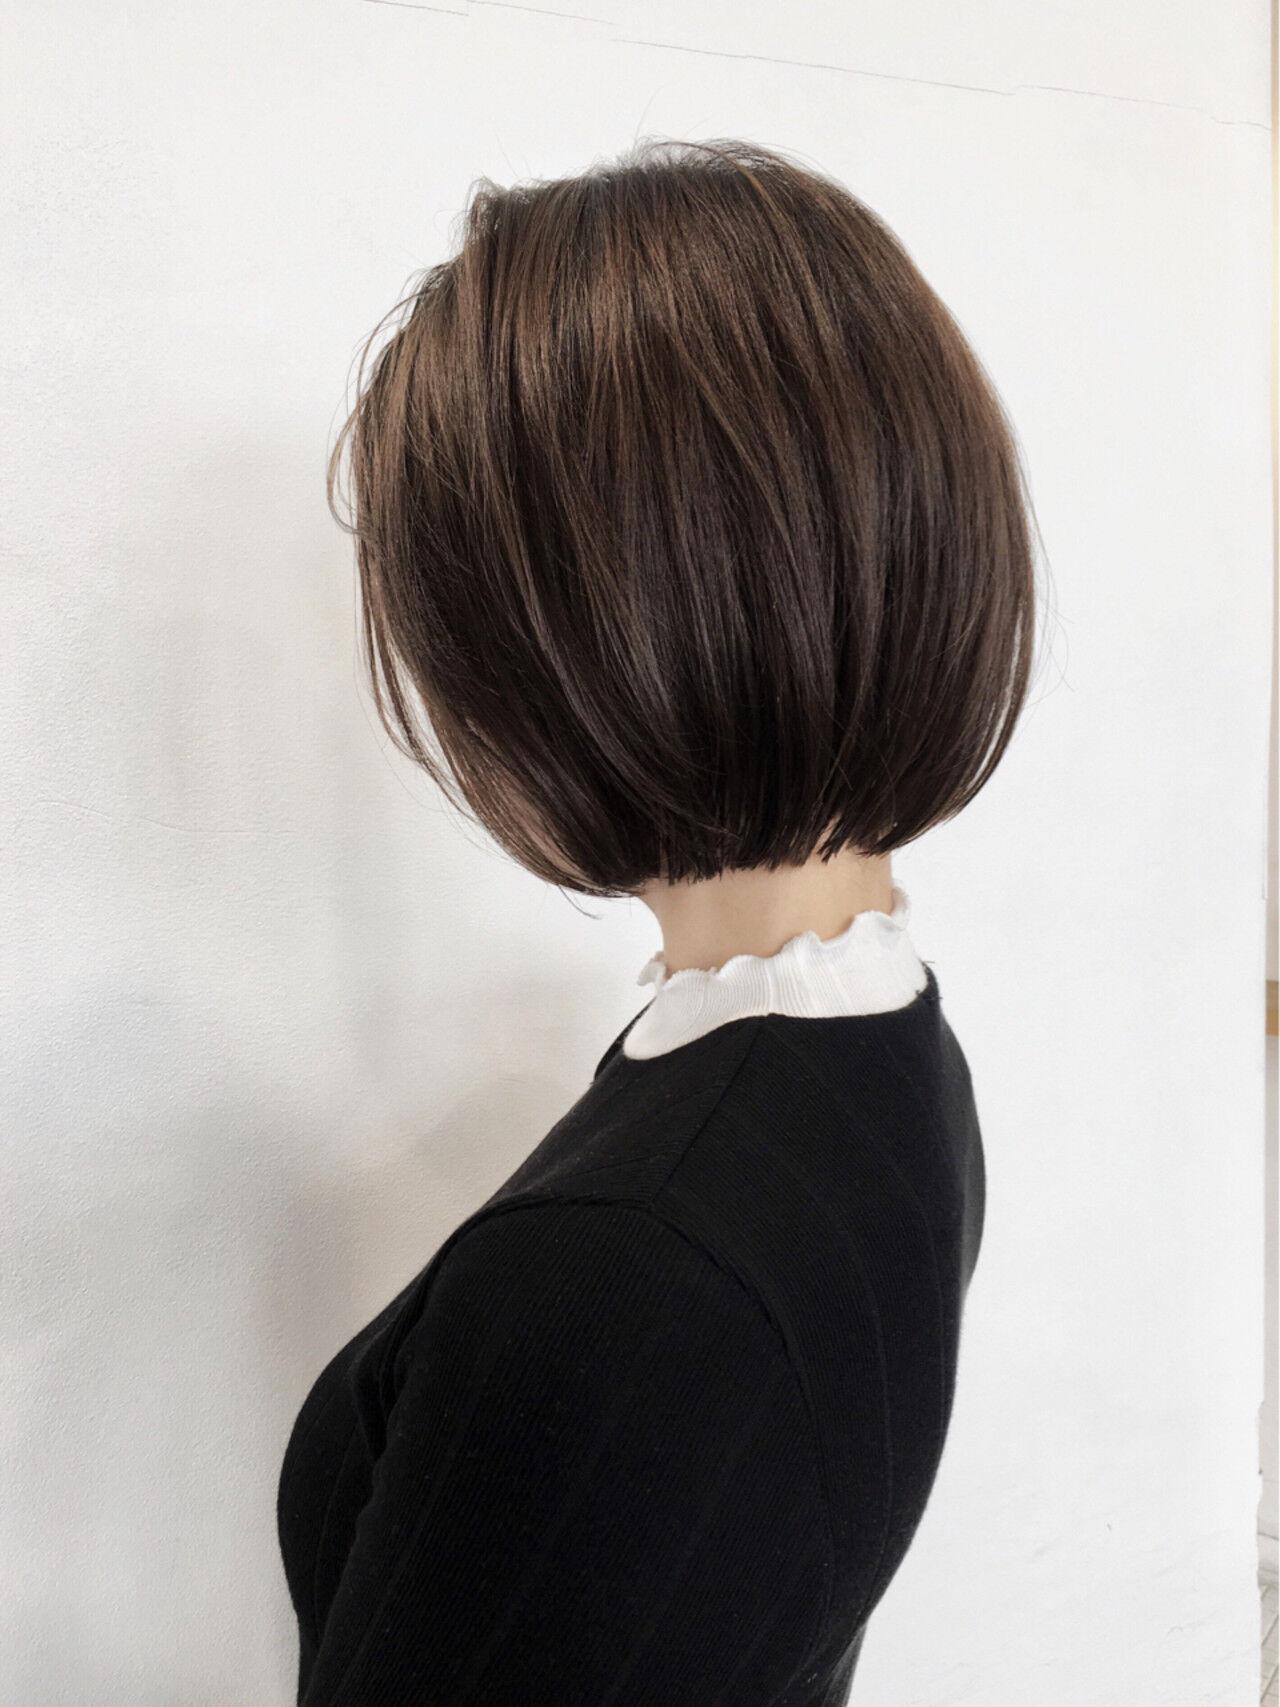 アウトドア 黒髪 スポーツ オフィスヘアスタイルや髪型の写真・画像